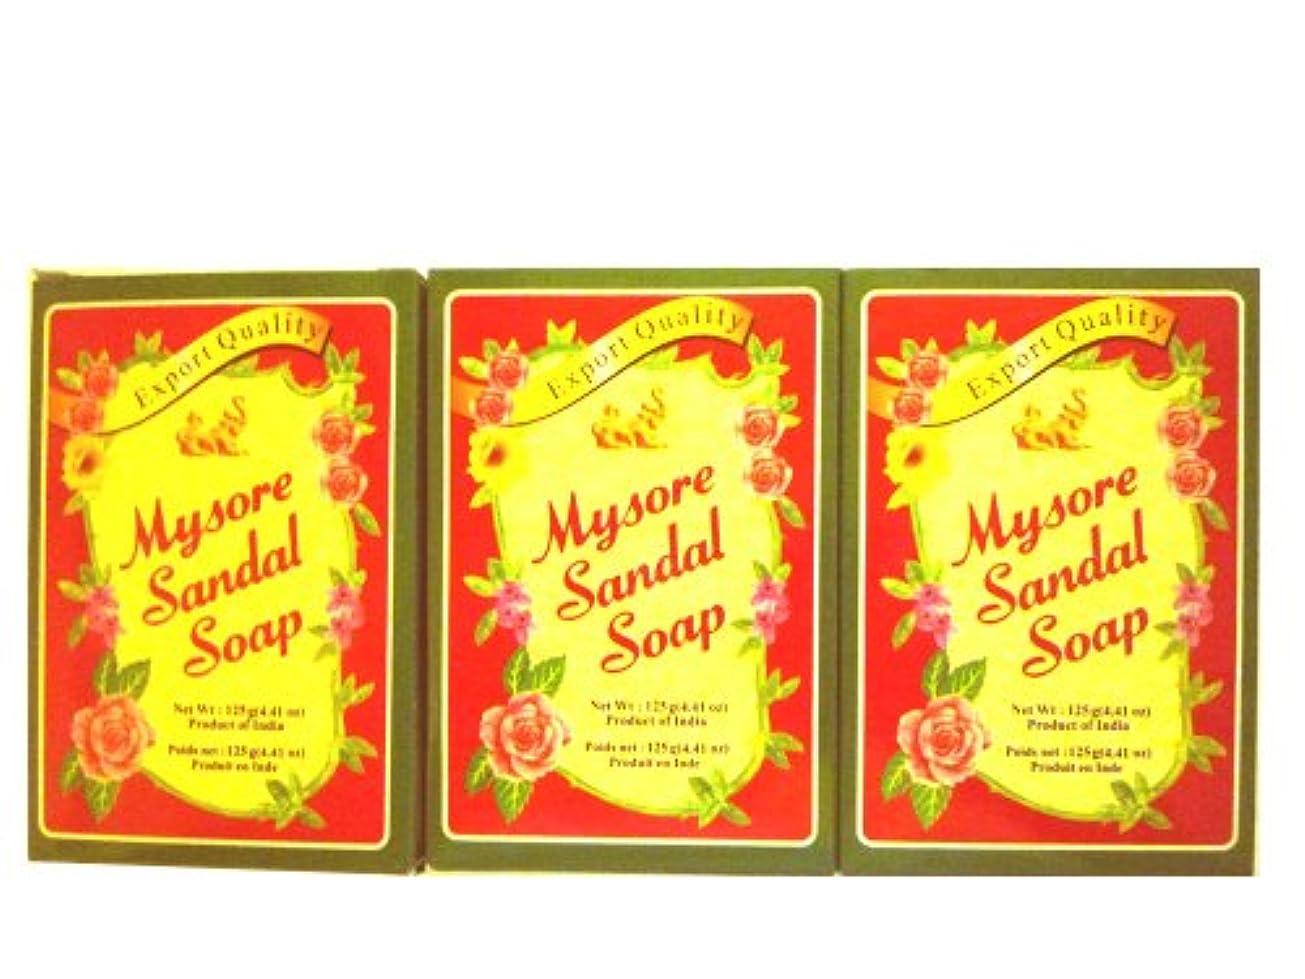 ほめる利点摂氏度高純度白檀油配合 マイソール サンダルソープ 75g 3個セット